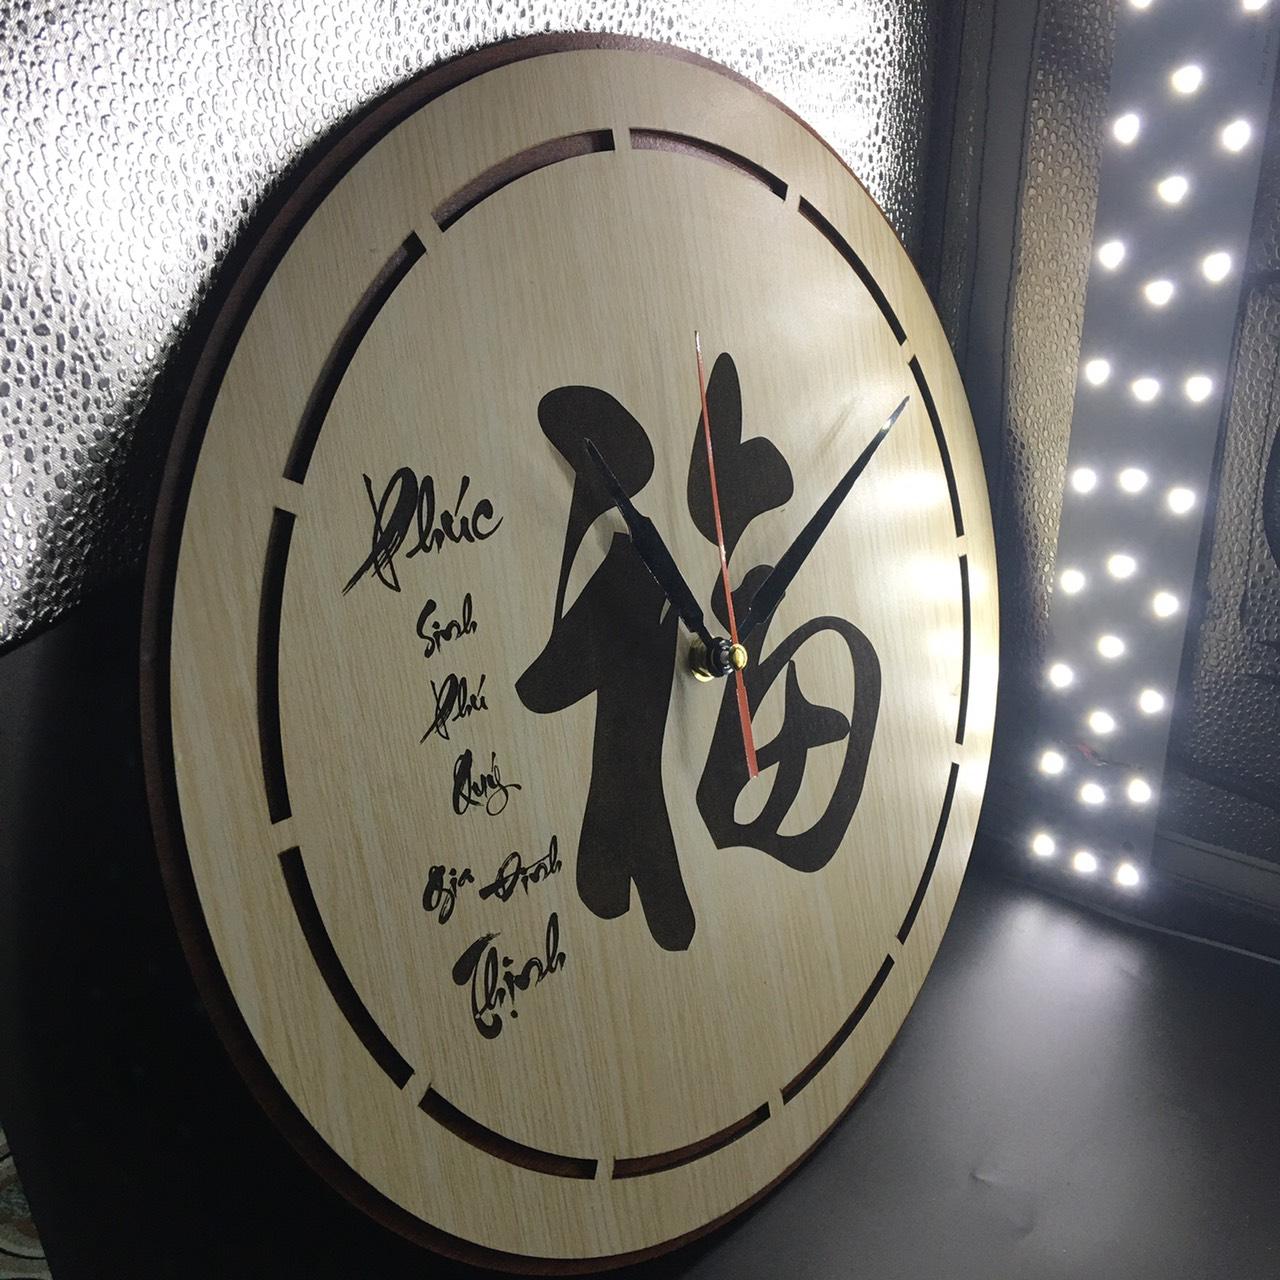 Đồng hồ treo tường chữ Phúc tiếng hoa trang trí